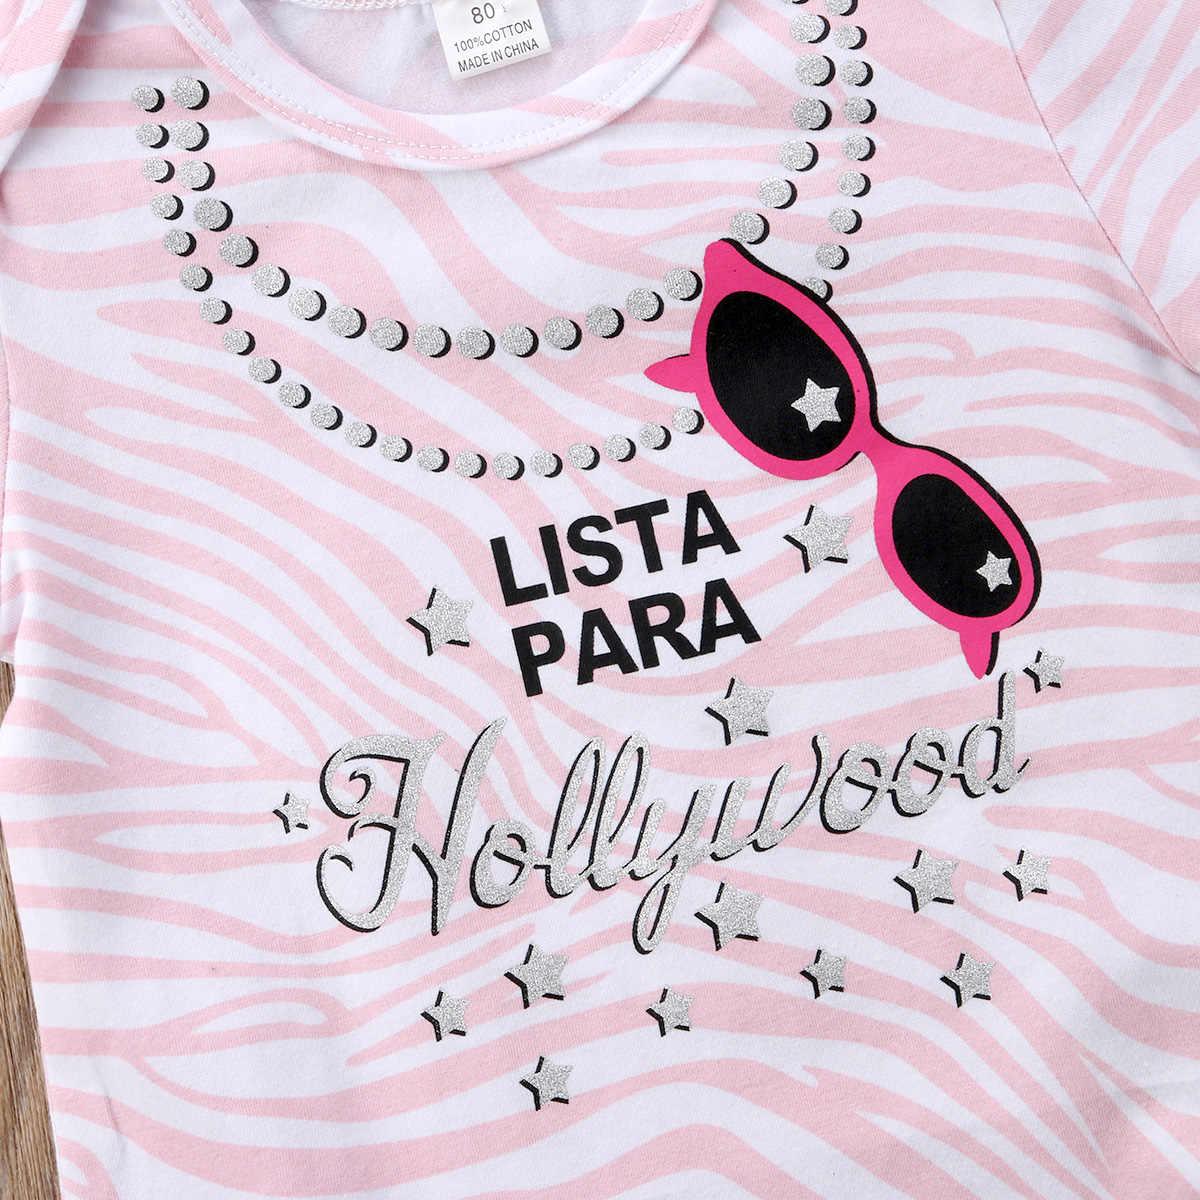 2018 جديد الوليد الرضع طفل الطفل الاطفال الفتيات ارتداءها بذلة تتسابق اللؤلؤ النظارات طباعة الملابس قصيرة الأكمام sunsuit